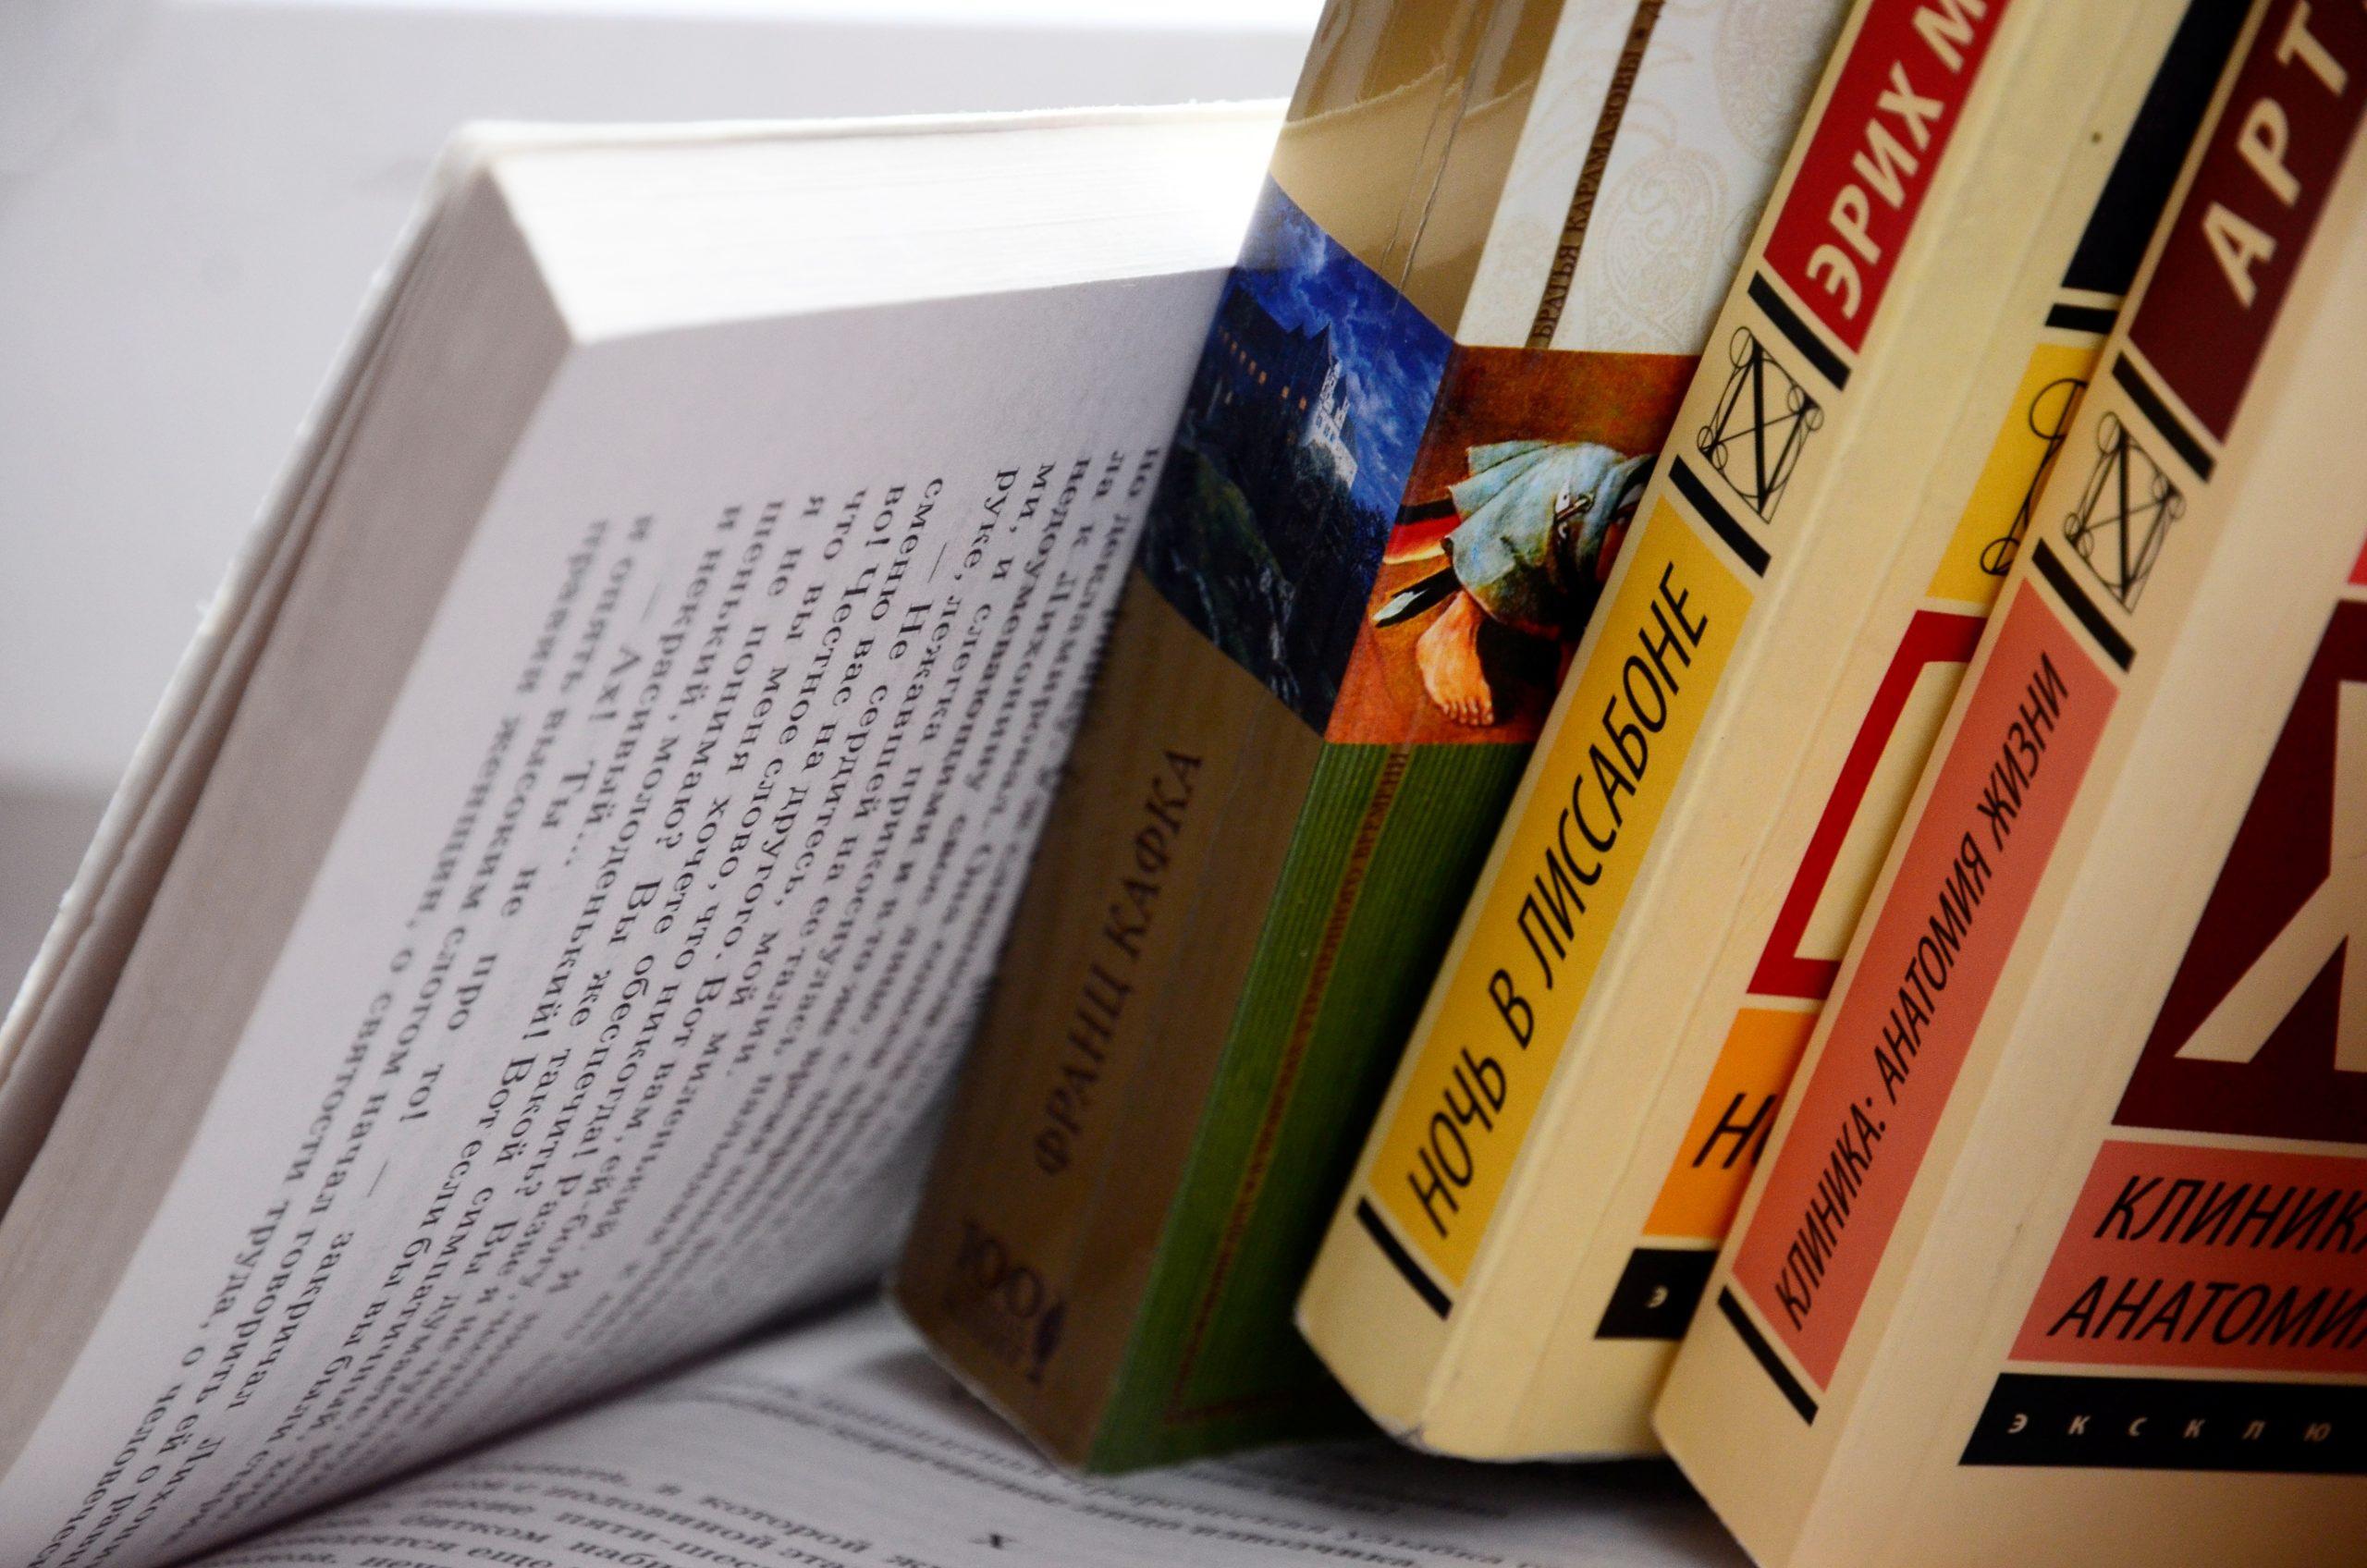 Книги и иллюстрации: в библиотеке №162 подготовили онлайн-программу